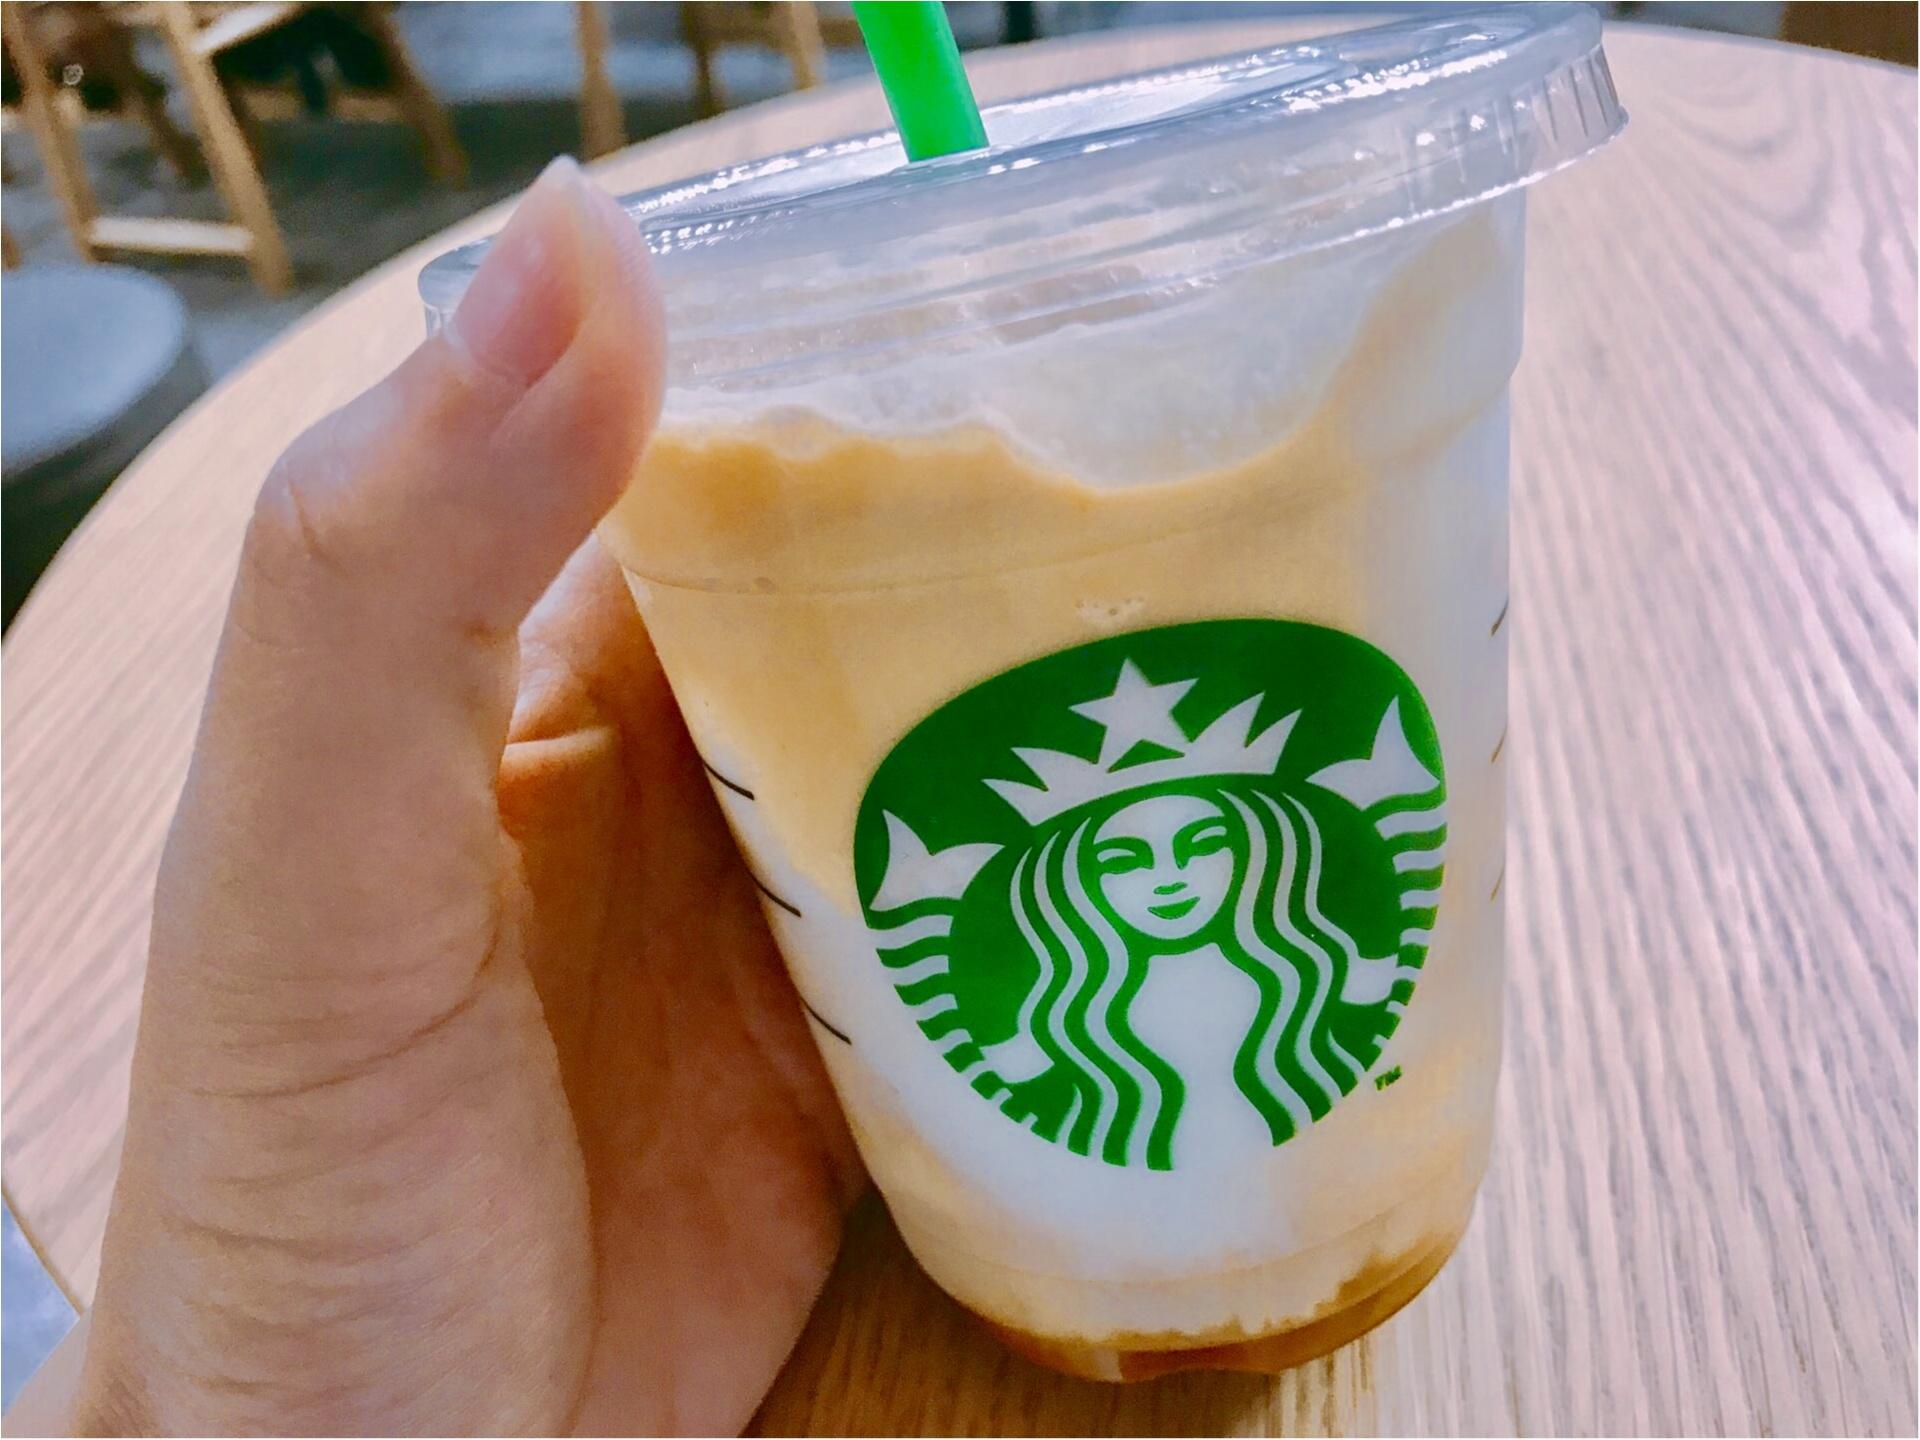 【スタバ】コーヒー好きにはたまらない!スタバ至上最もエスプレッソ感の強い《エスプレッソ アフォガート フラペチーノ》が新登場❤︎なんと今回は全サイズ対応!カロリーが気になる方も◎_4